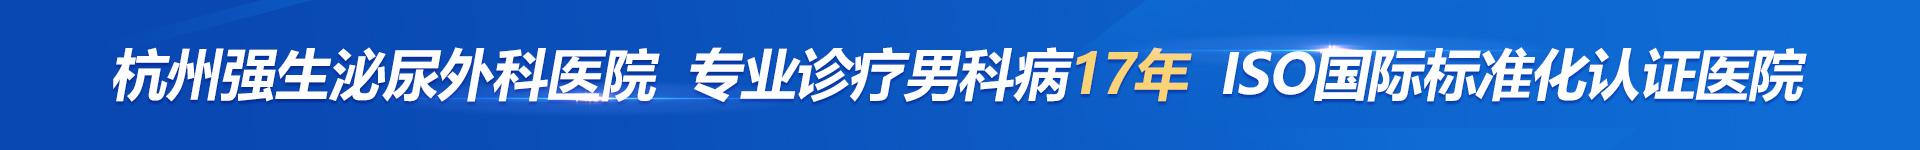 杭州泌尿外科医院